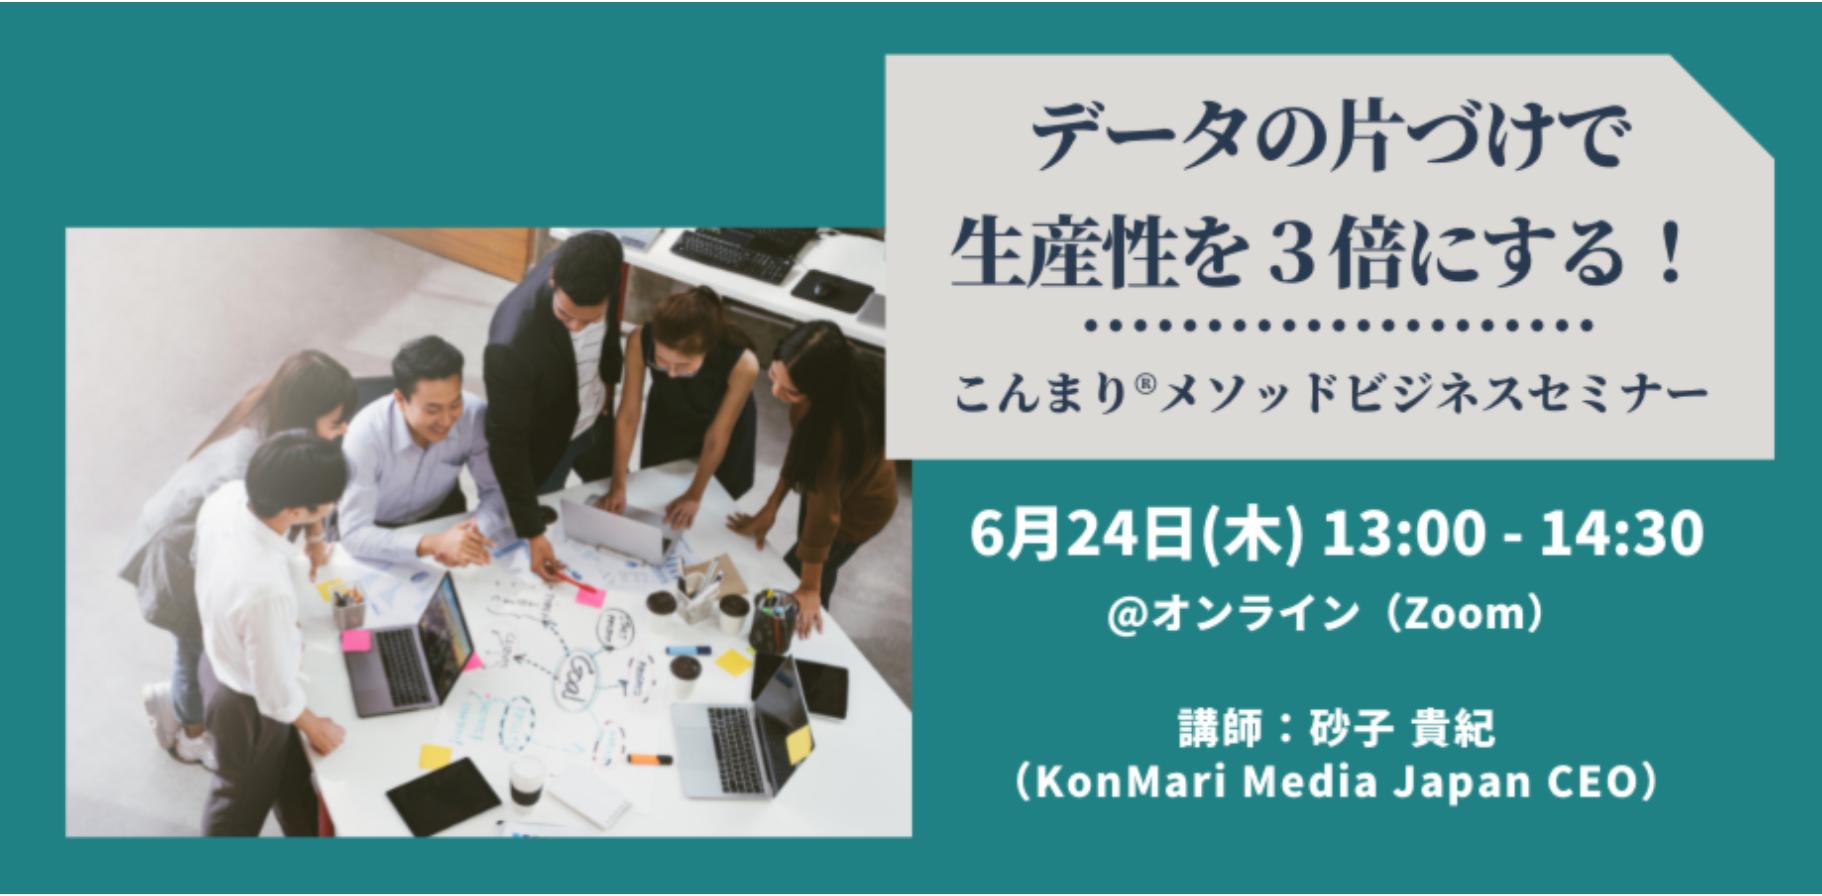 【6/24(木)開催決定!】データの片づけで生産性を3倍にする!こんまり®︎メソッド ビジネスセミナー